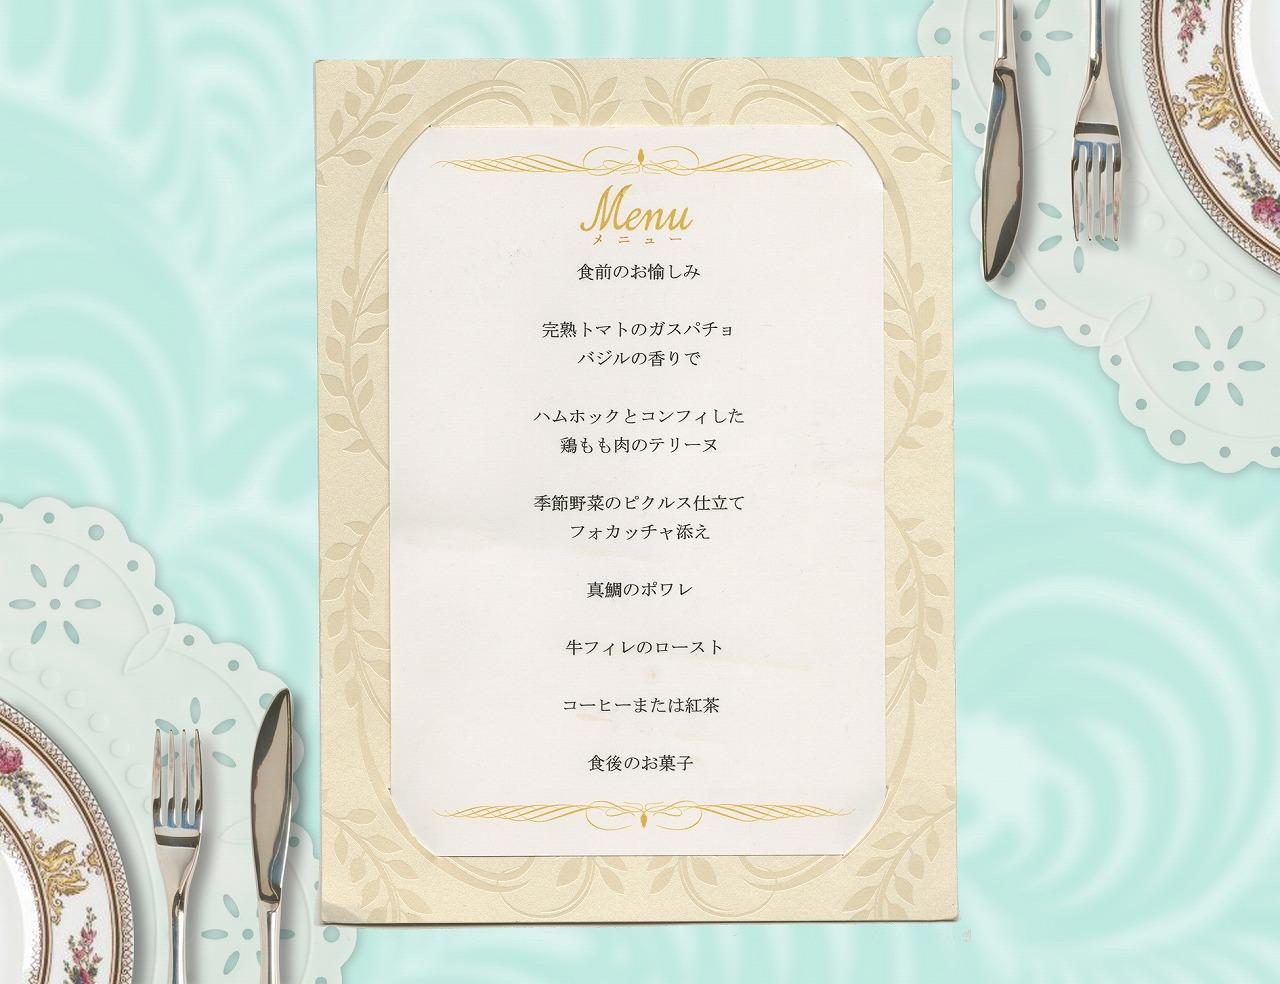 結婚式メニュー表-ロマネスク(パール) 手作りメニュー表